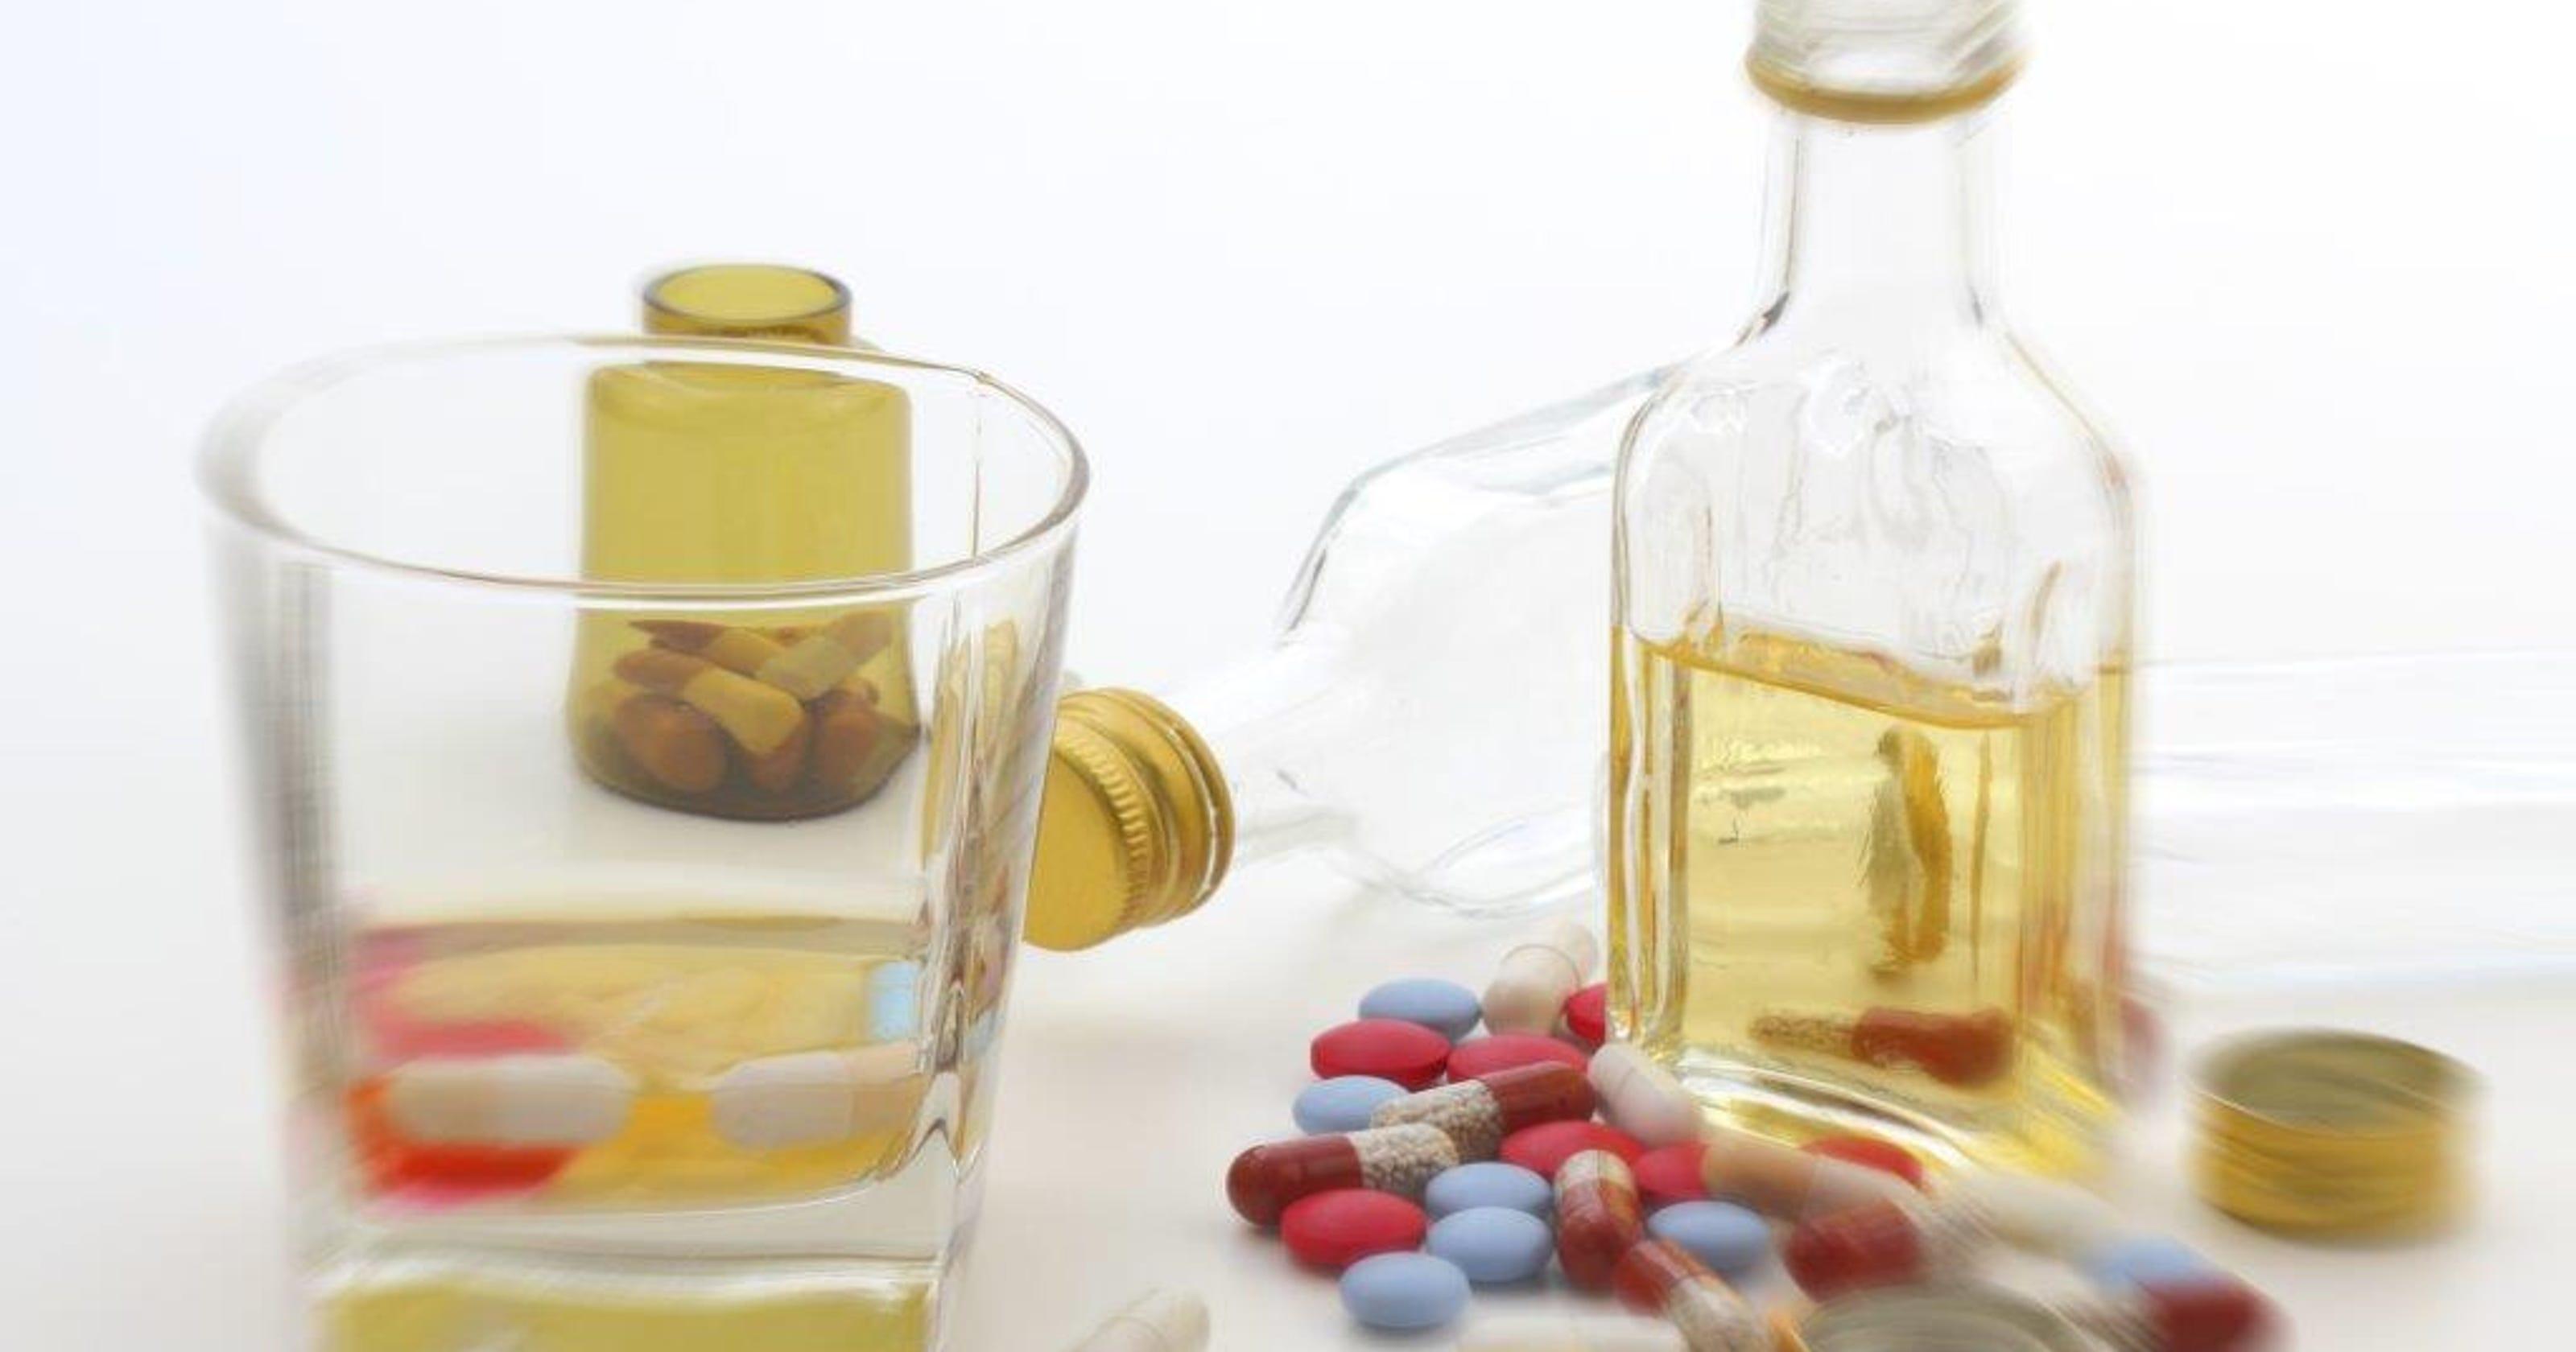 valium alcohol